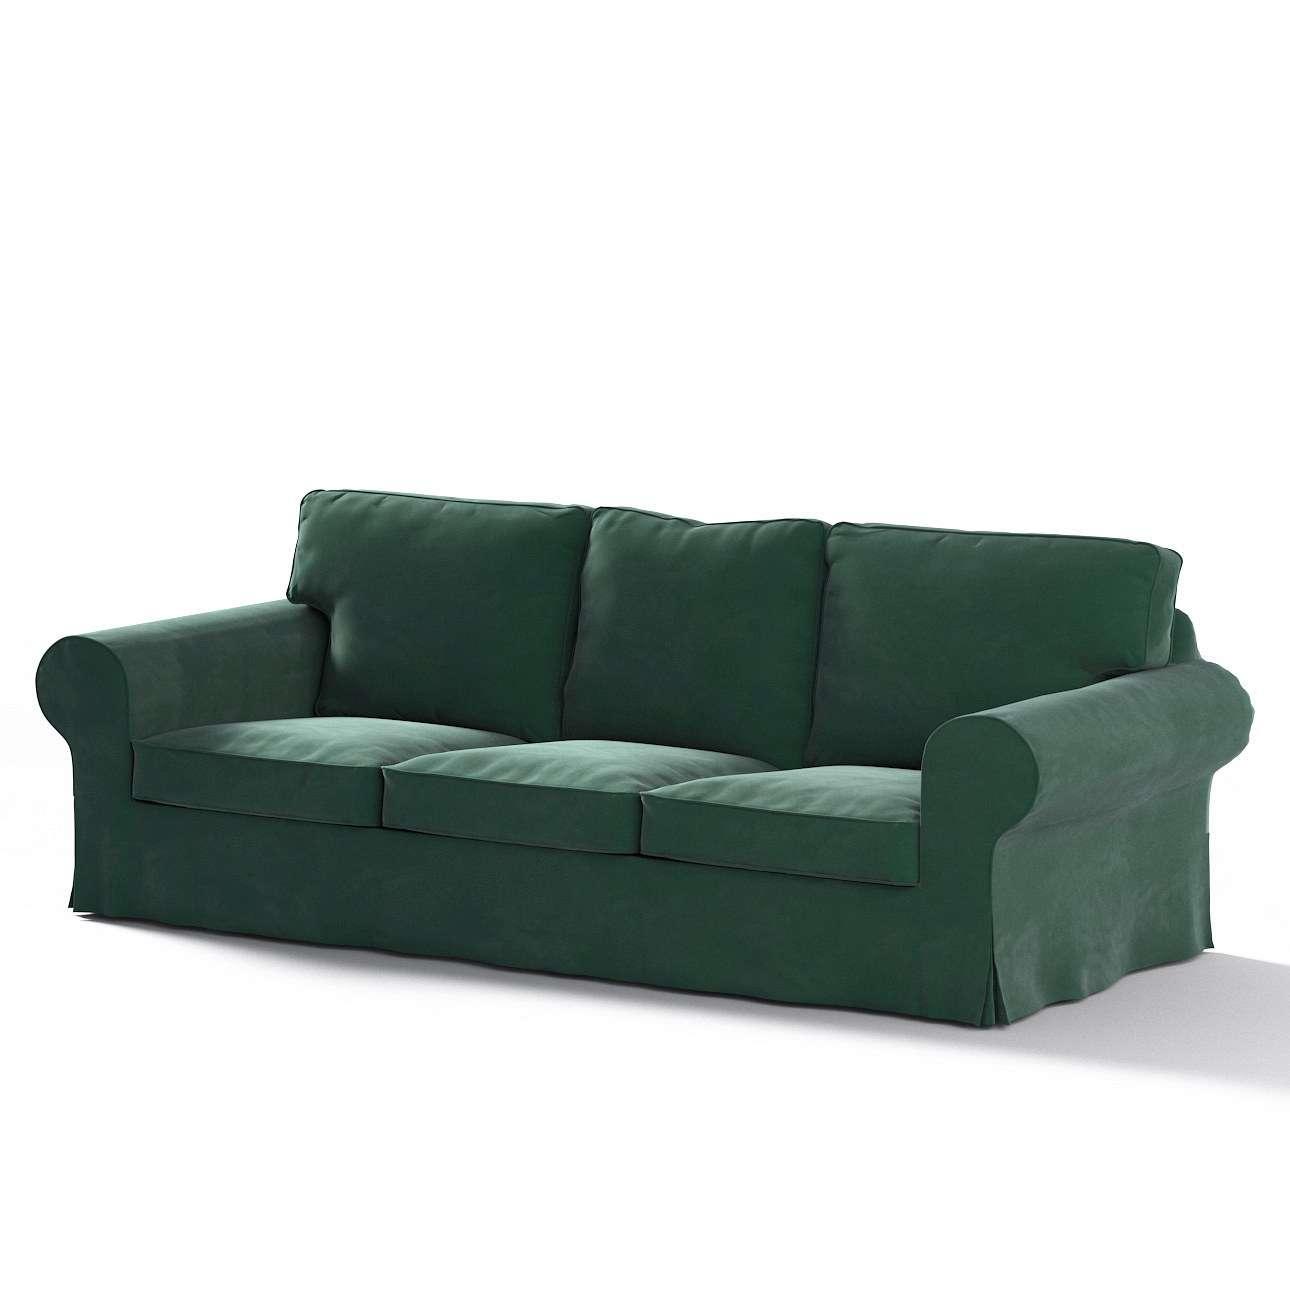 Pokrowiec na sofę Ektorp 3-osobową, nierozkładaną w kolekcji Velvet, tkanina: 704-25